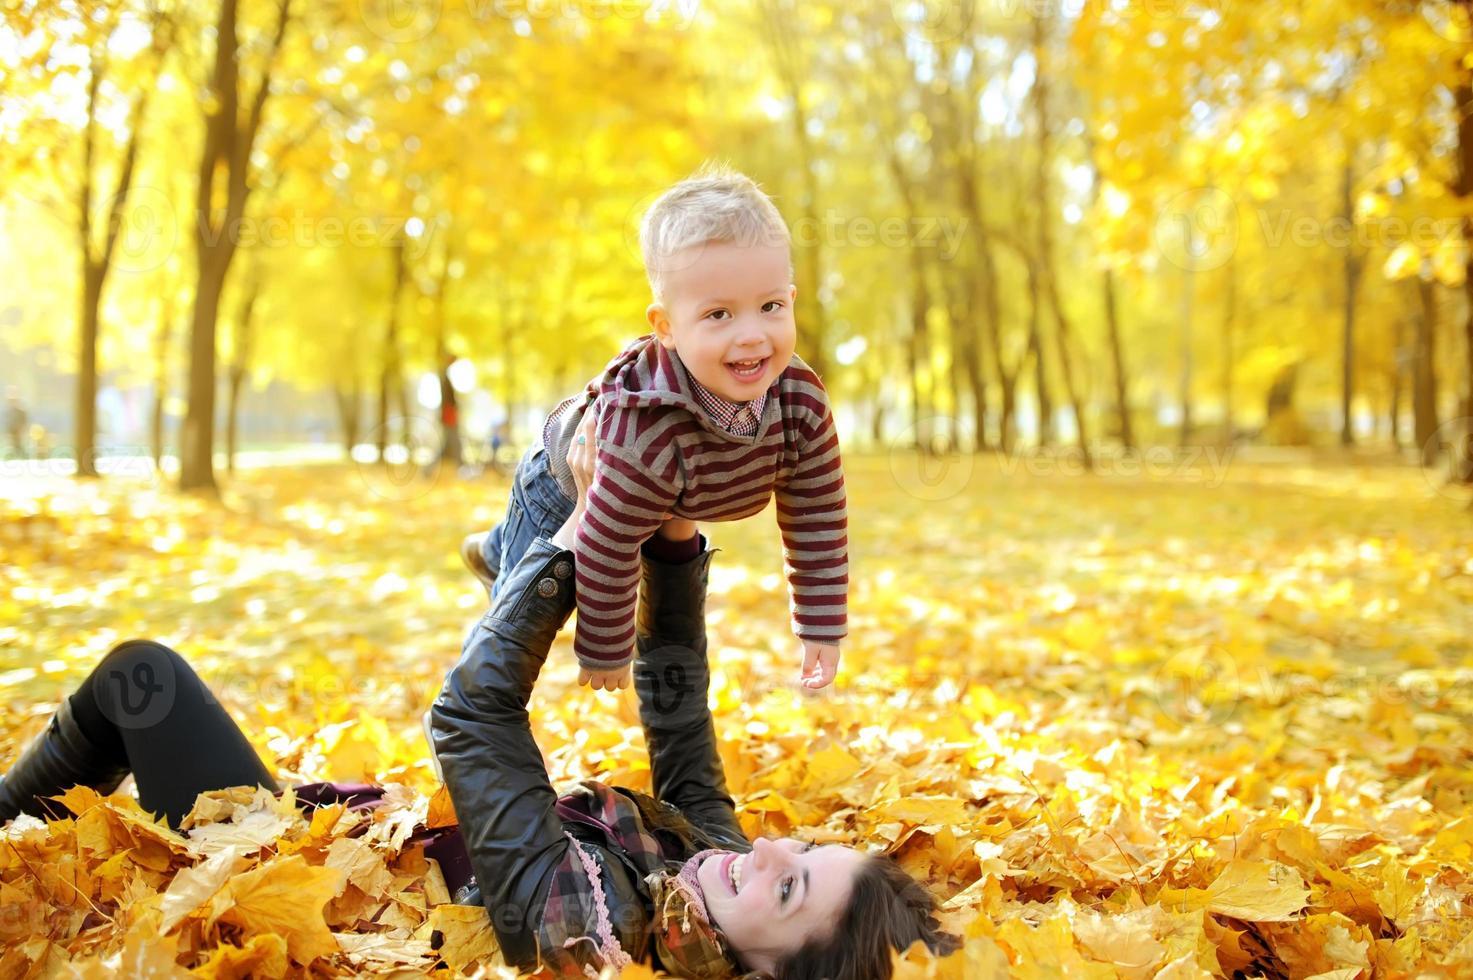 la madre e il bambino a piedi nel parco d'autunno foto